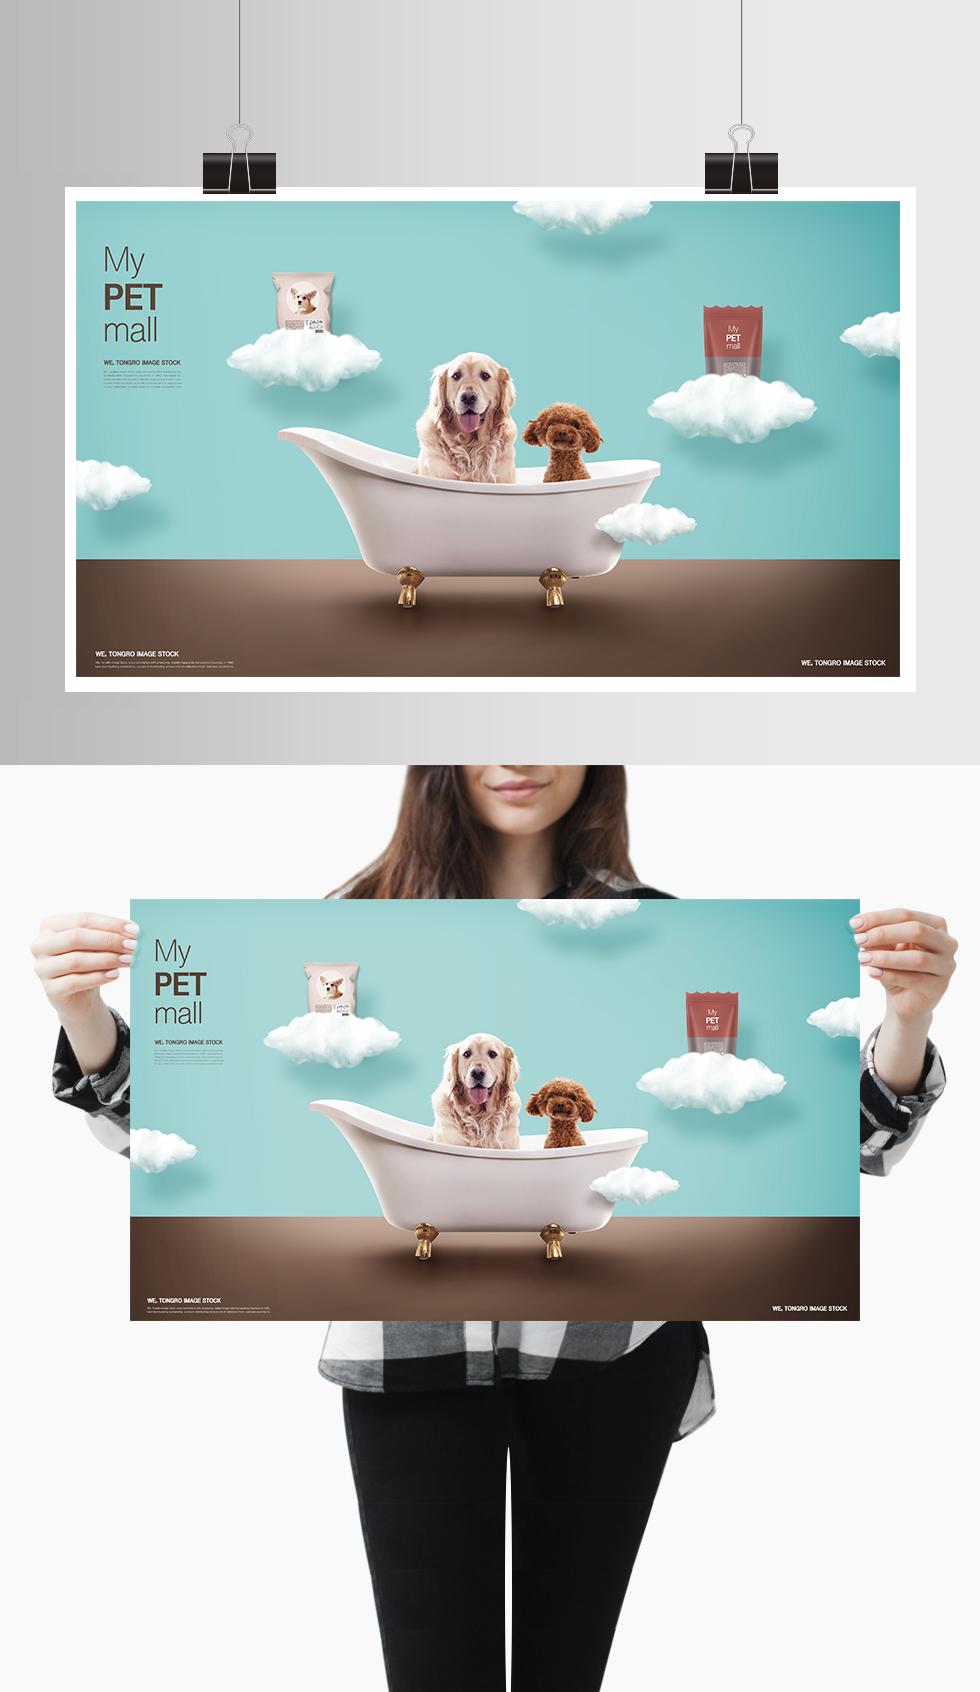 创意合成宠物狗粮宠物沐浴露产品海报素材